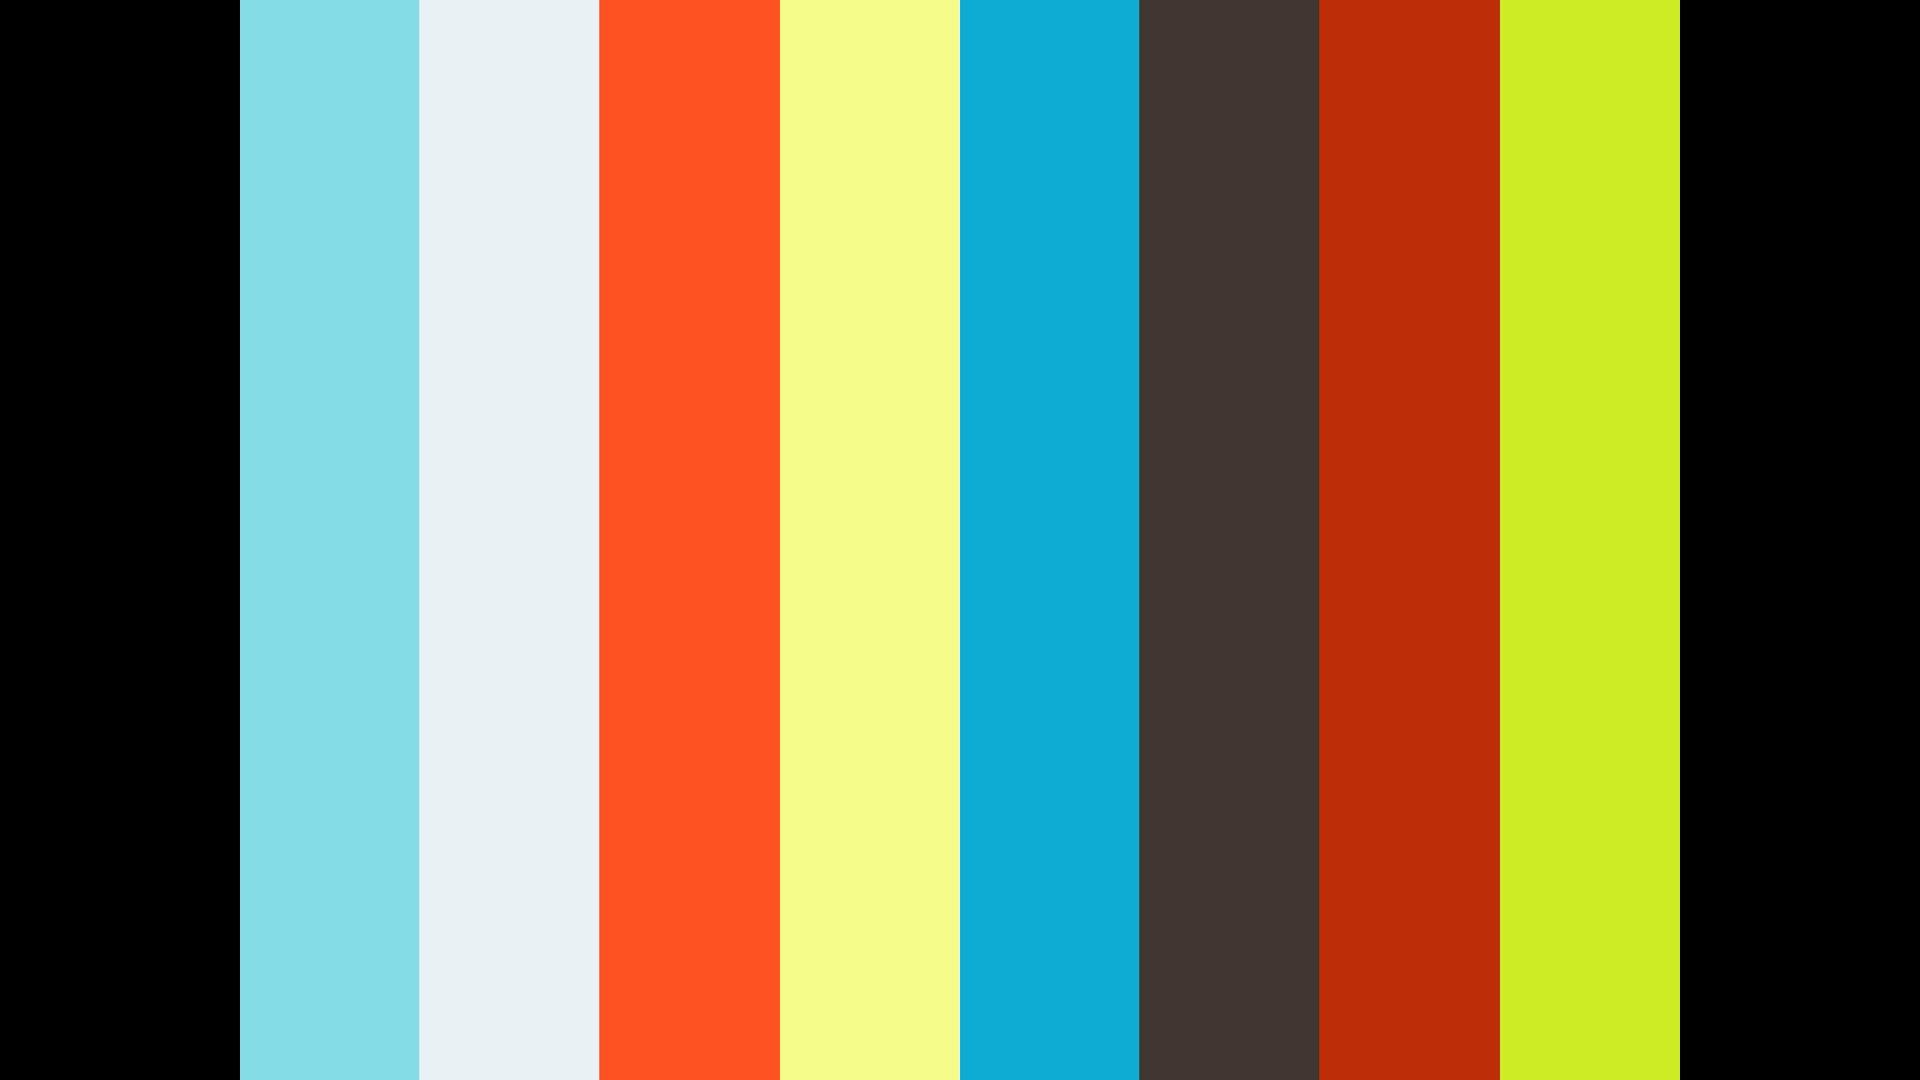 Jordan Hailwood - What does discrimination feel like? - Jordan Hailwood